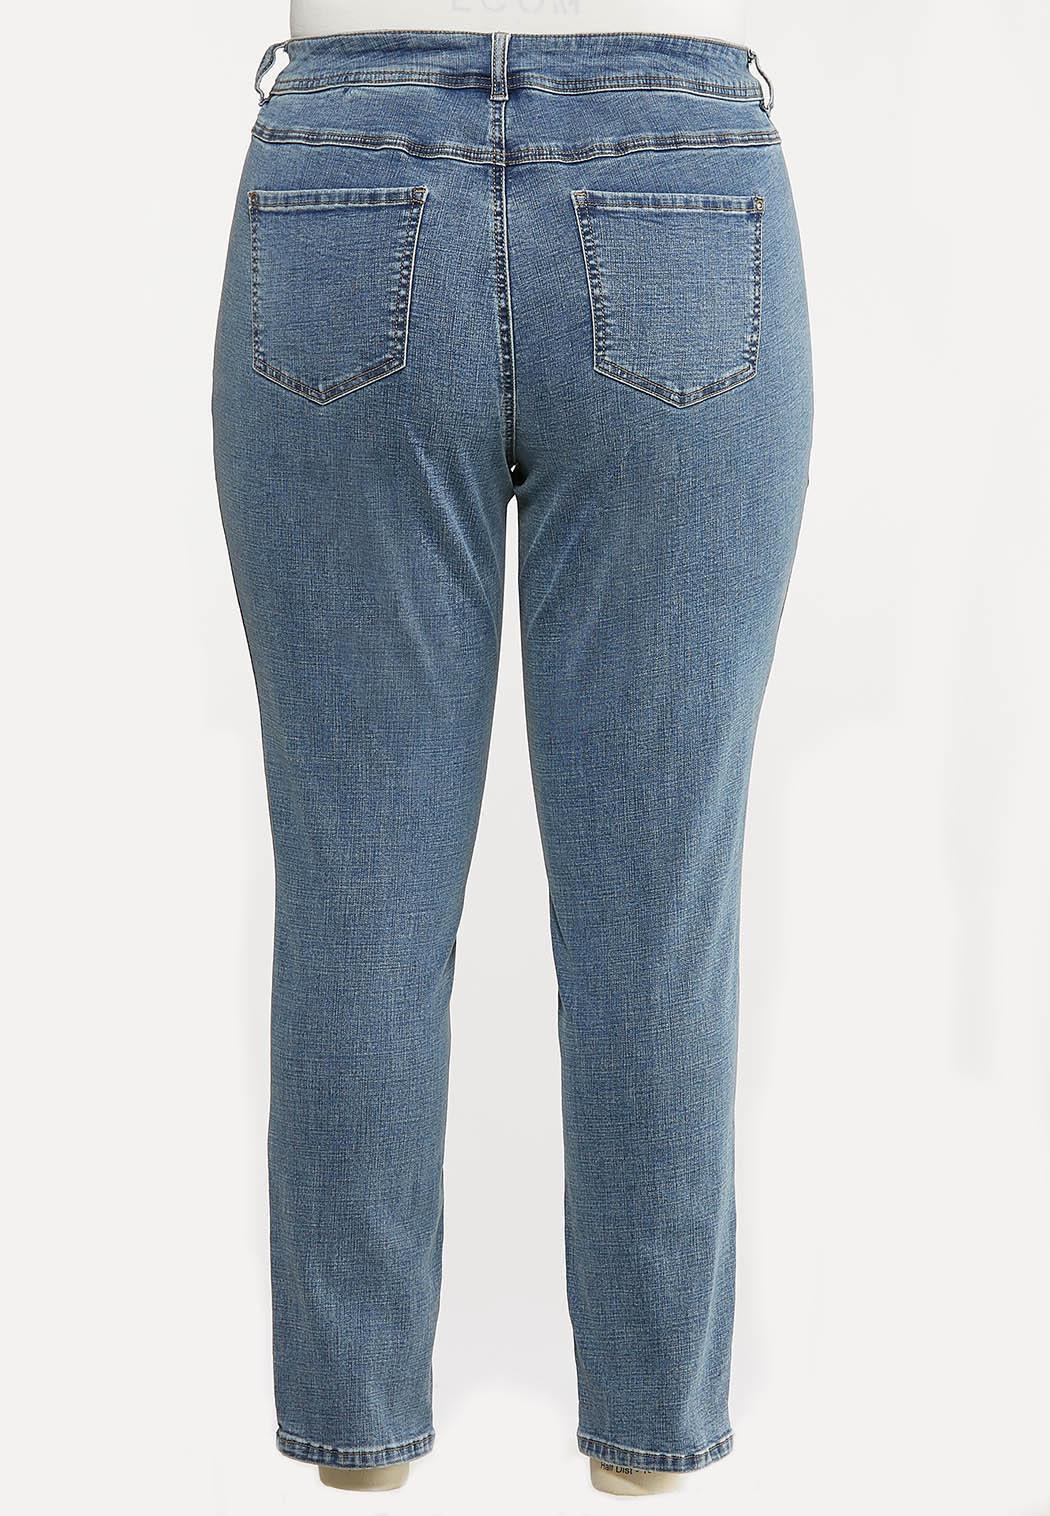 Plus Petite Curvy Jeans (Item #44079784)